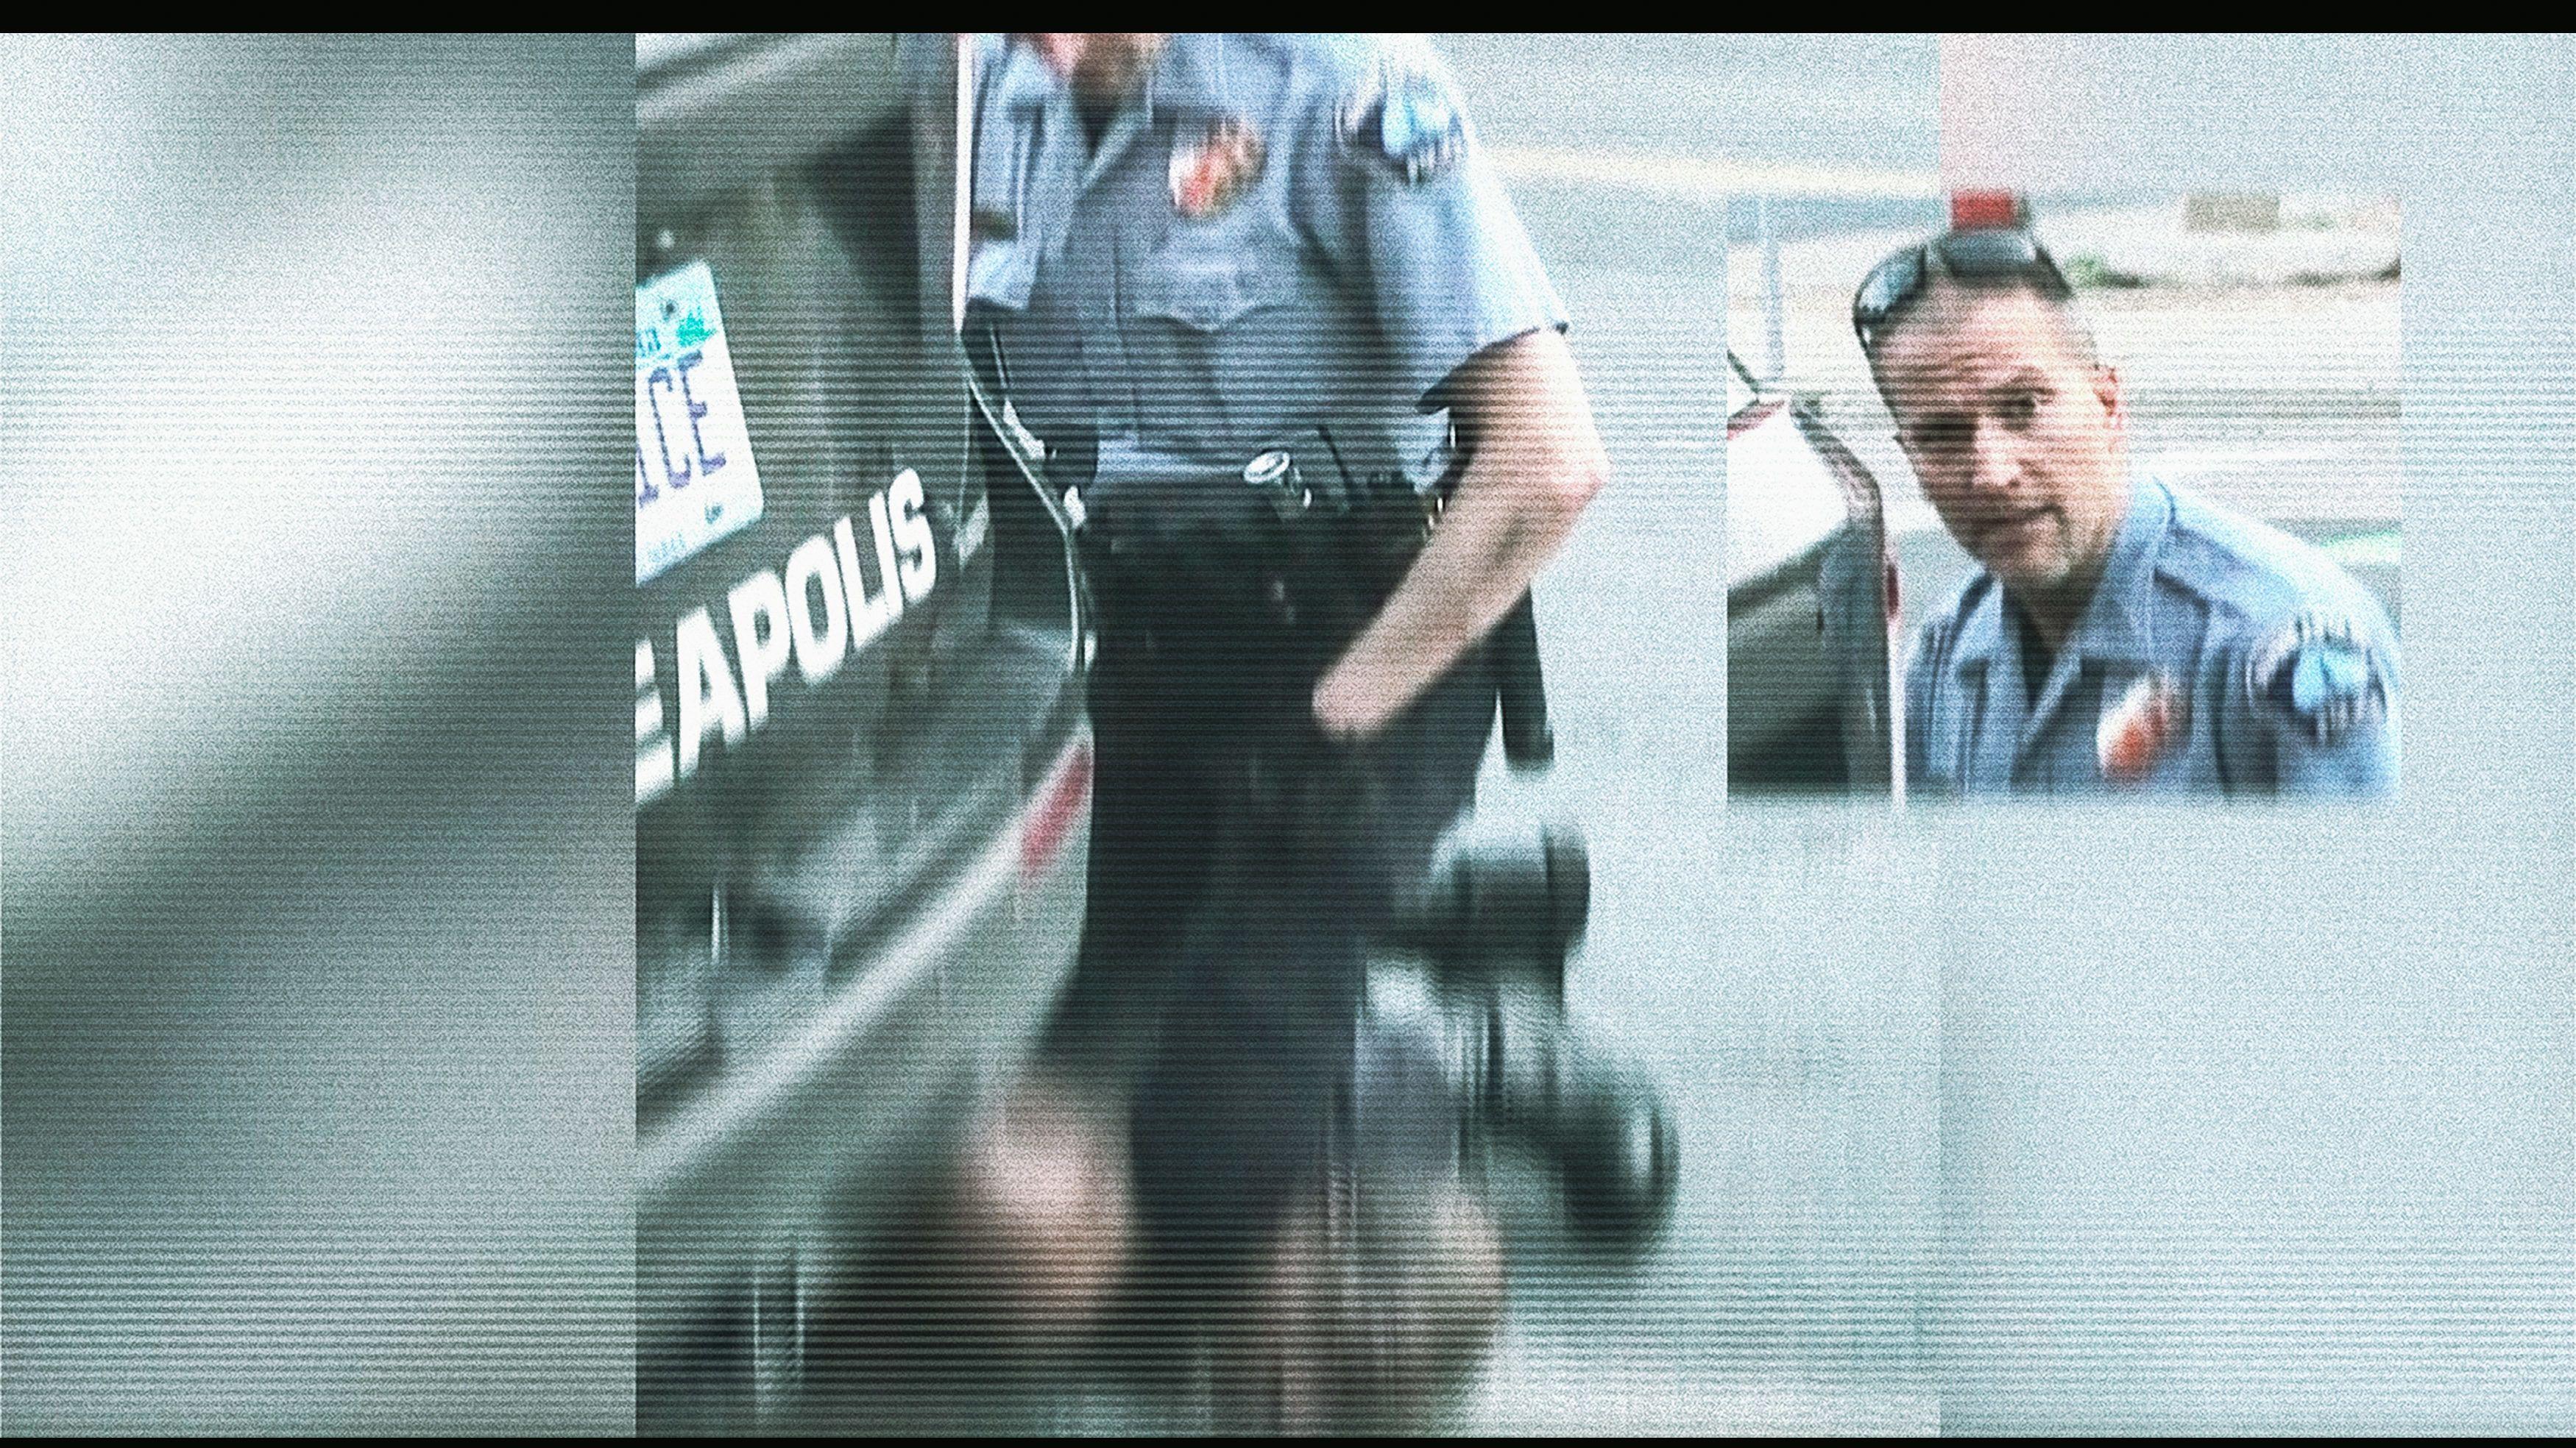 egyetlen rendőr külsejű férfi